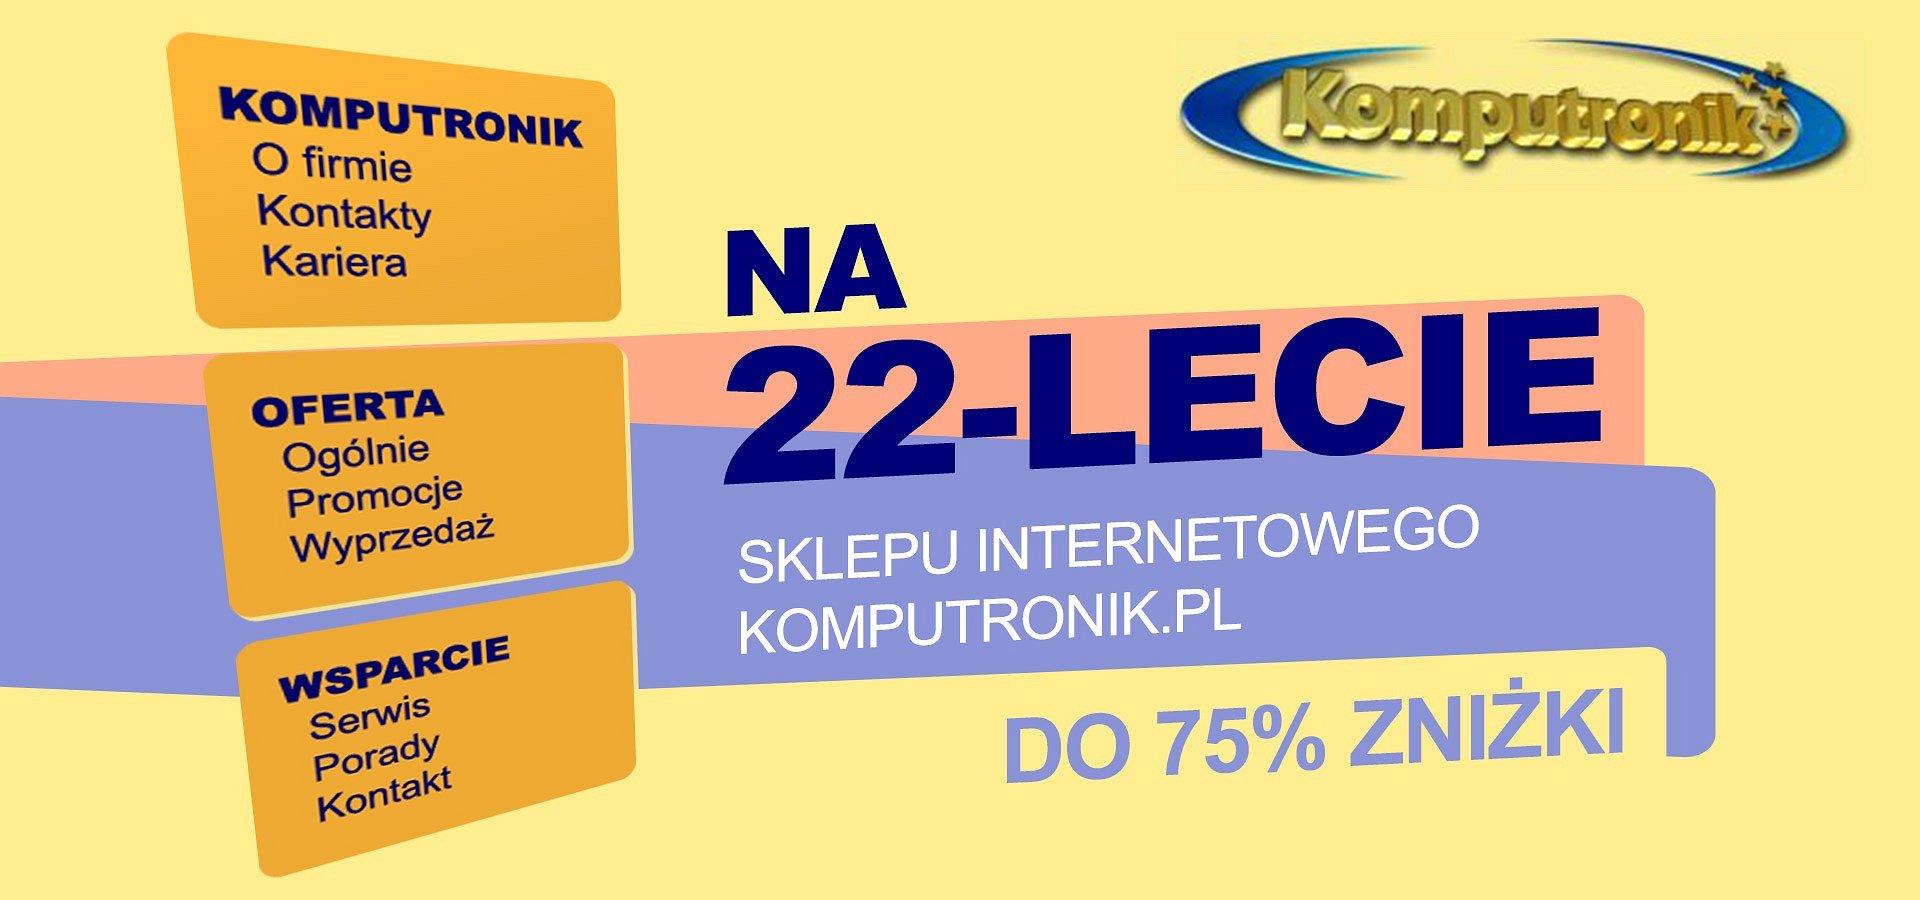 Najstarszy sklep internetowy w Polsce ma 22 lata! Internauci mogą liczyć na urodzinowe rabaty